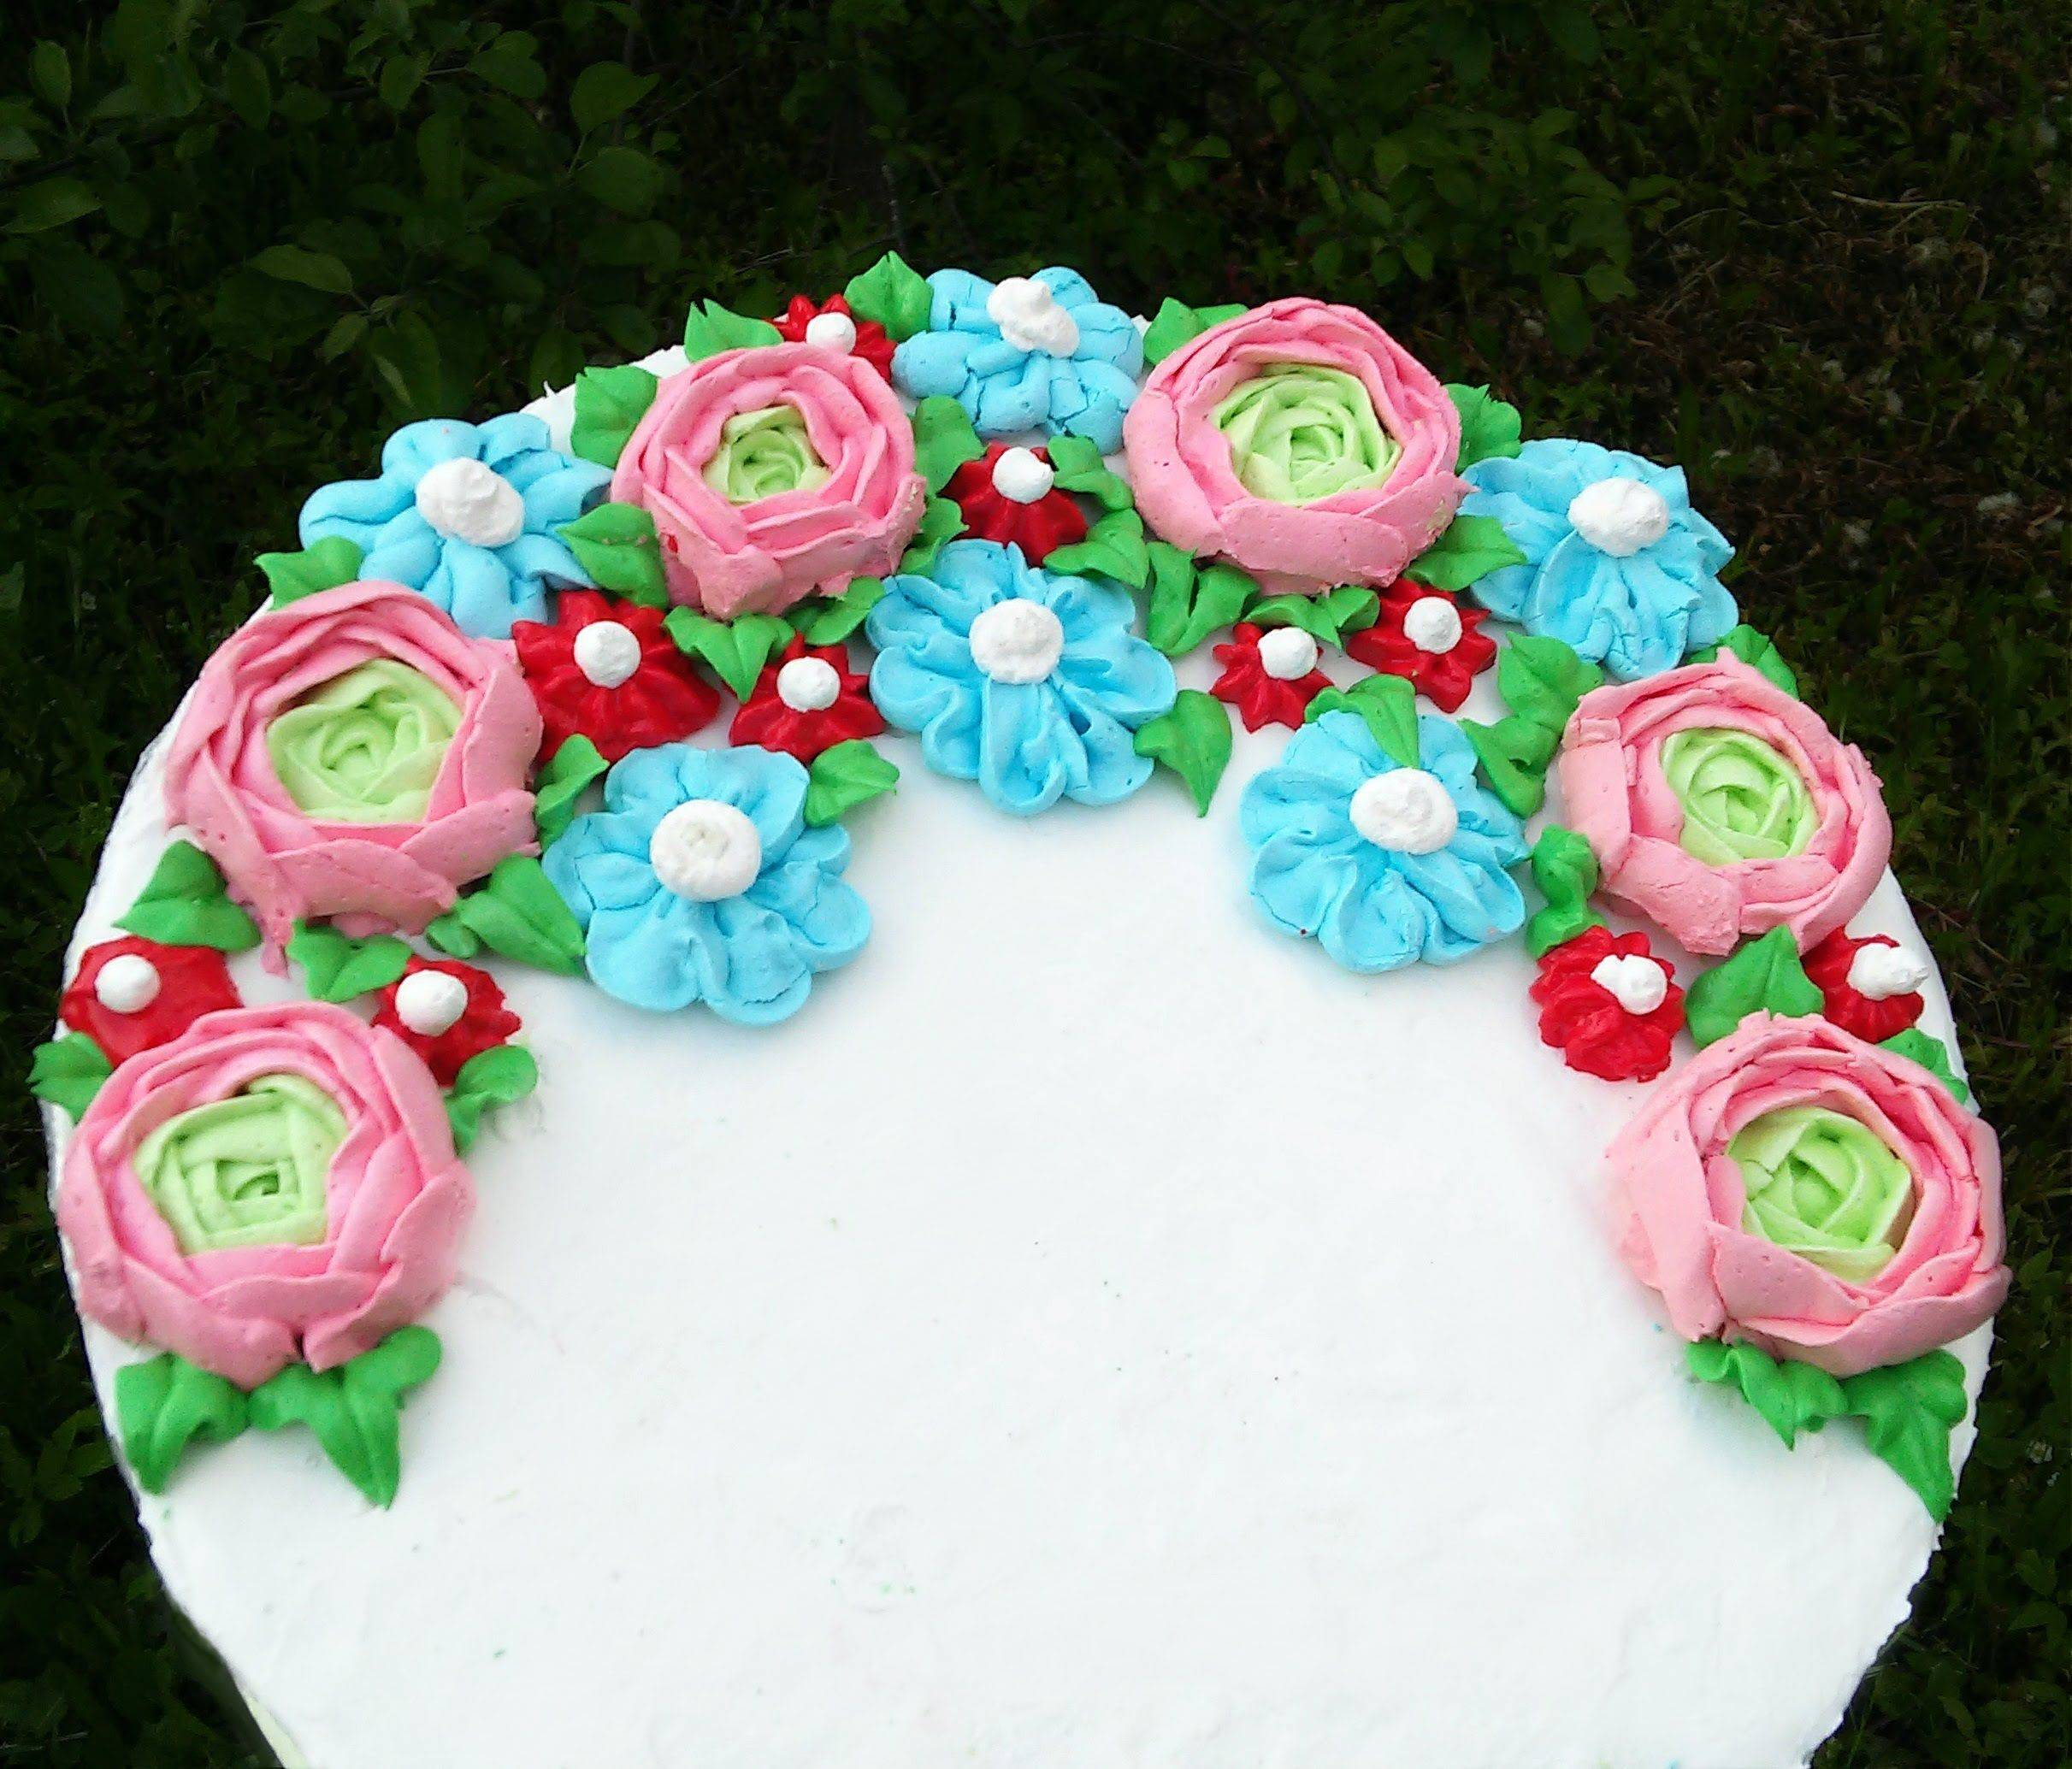 Свадьба в стиле бабочек: что надеть невесте и жениху, как украсить помещение, букет невесты, свадебный торт